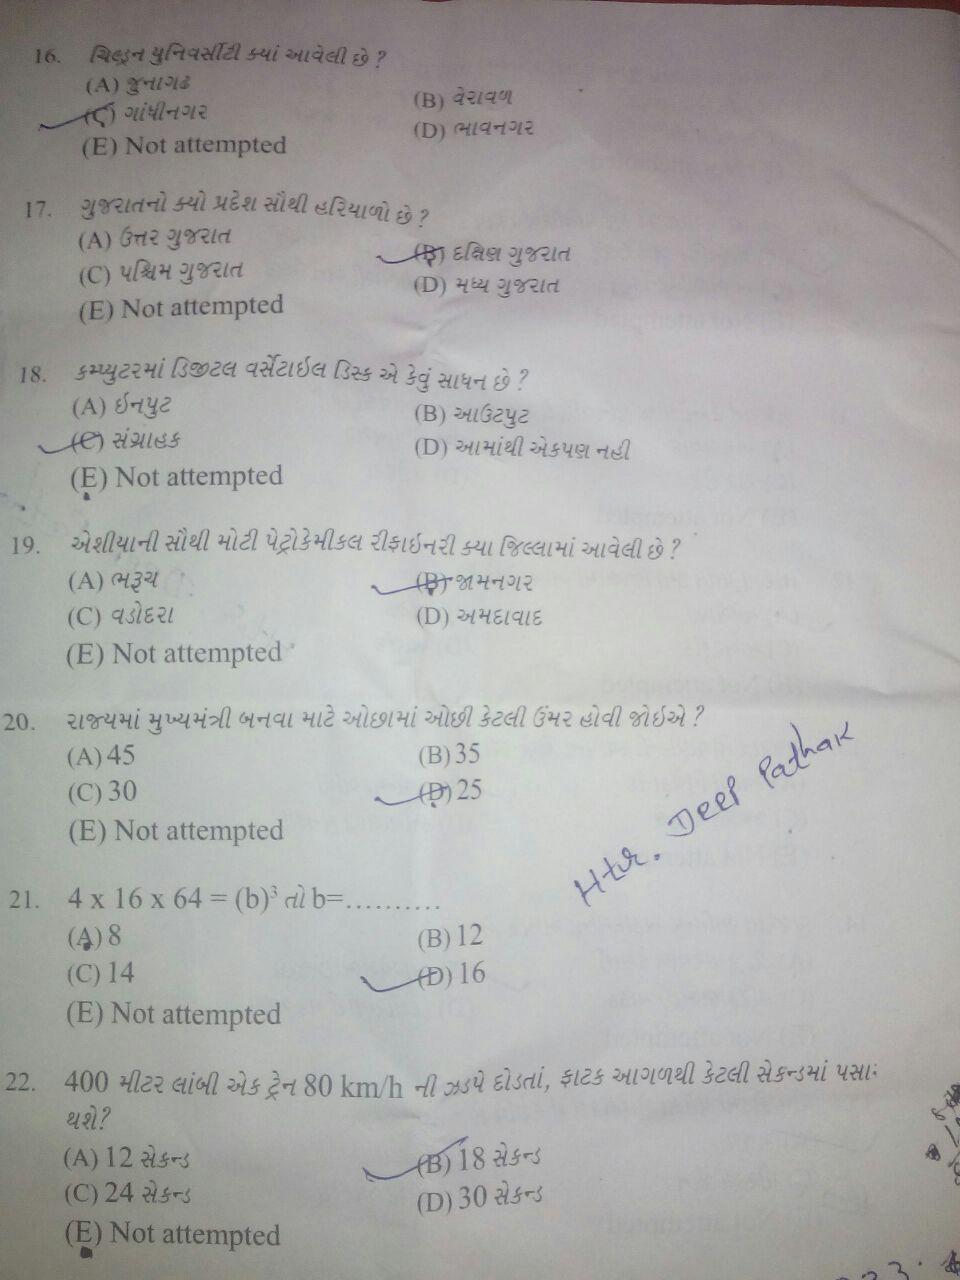 Talati Exam Paper Pdf File